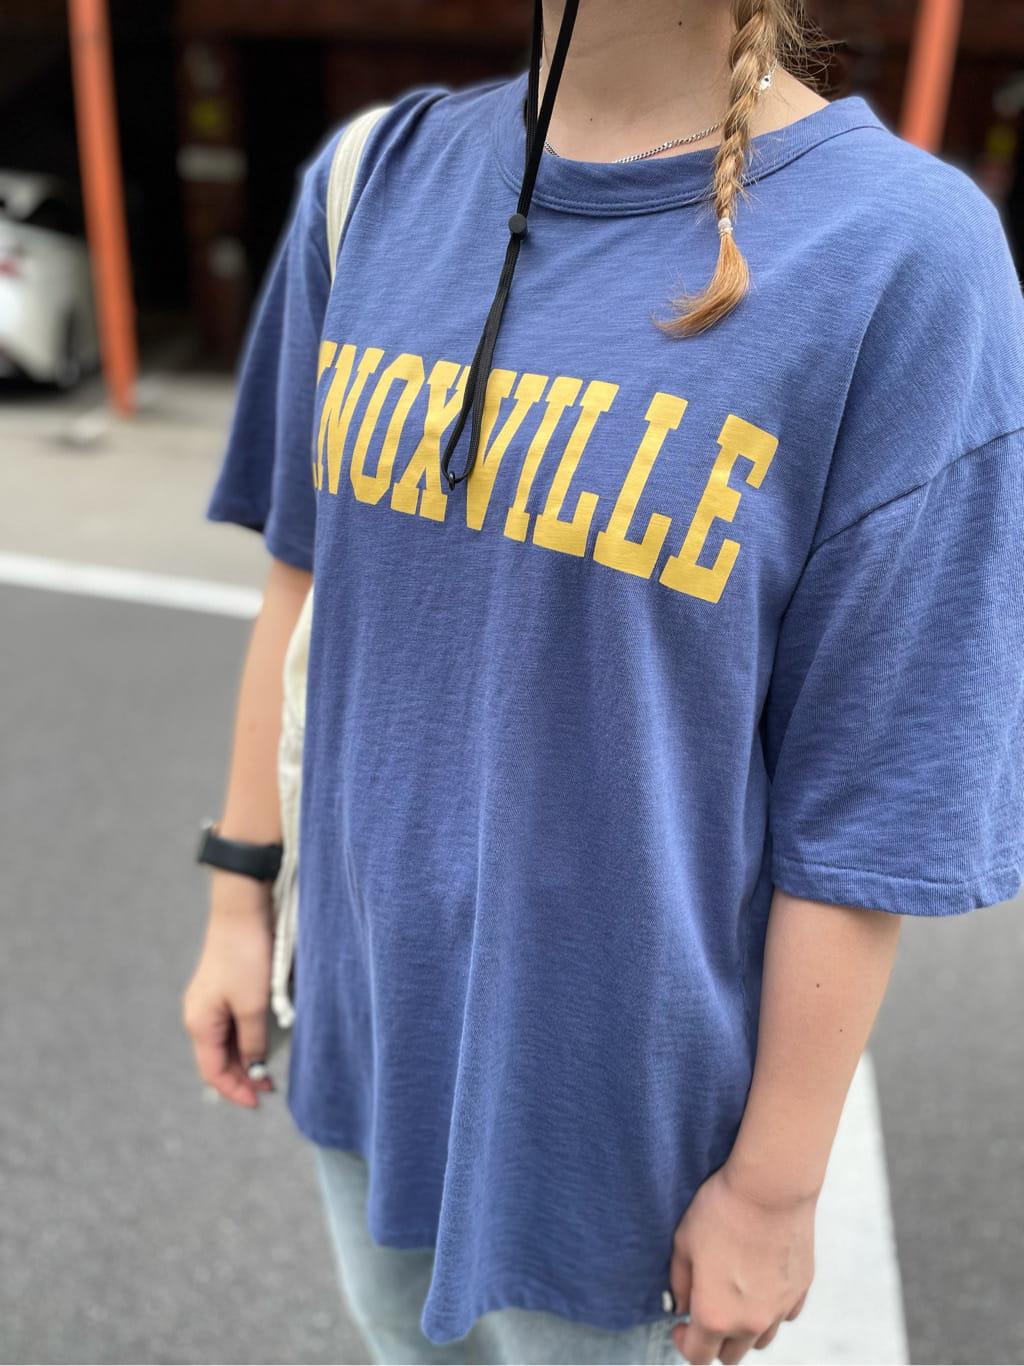 ALPHA SHOP渋谷店のmoe さんのALPHAの【再値下げSALE】KNOXVILLE ビンテージプリントTシャツを使ったコーディネート